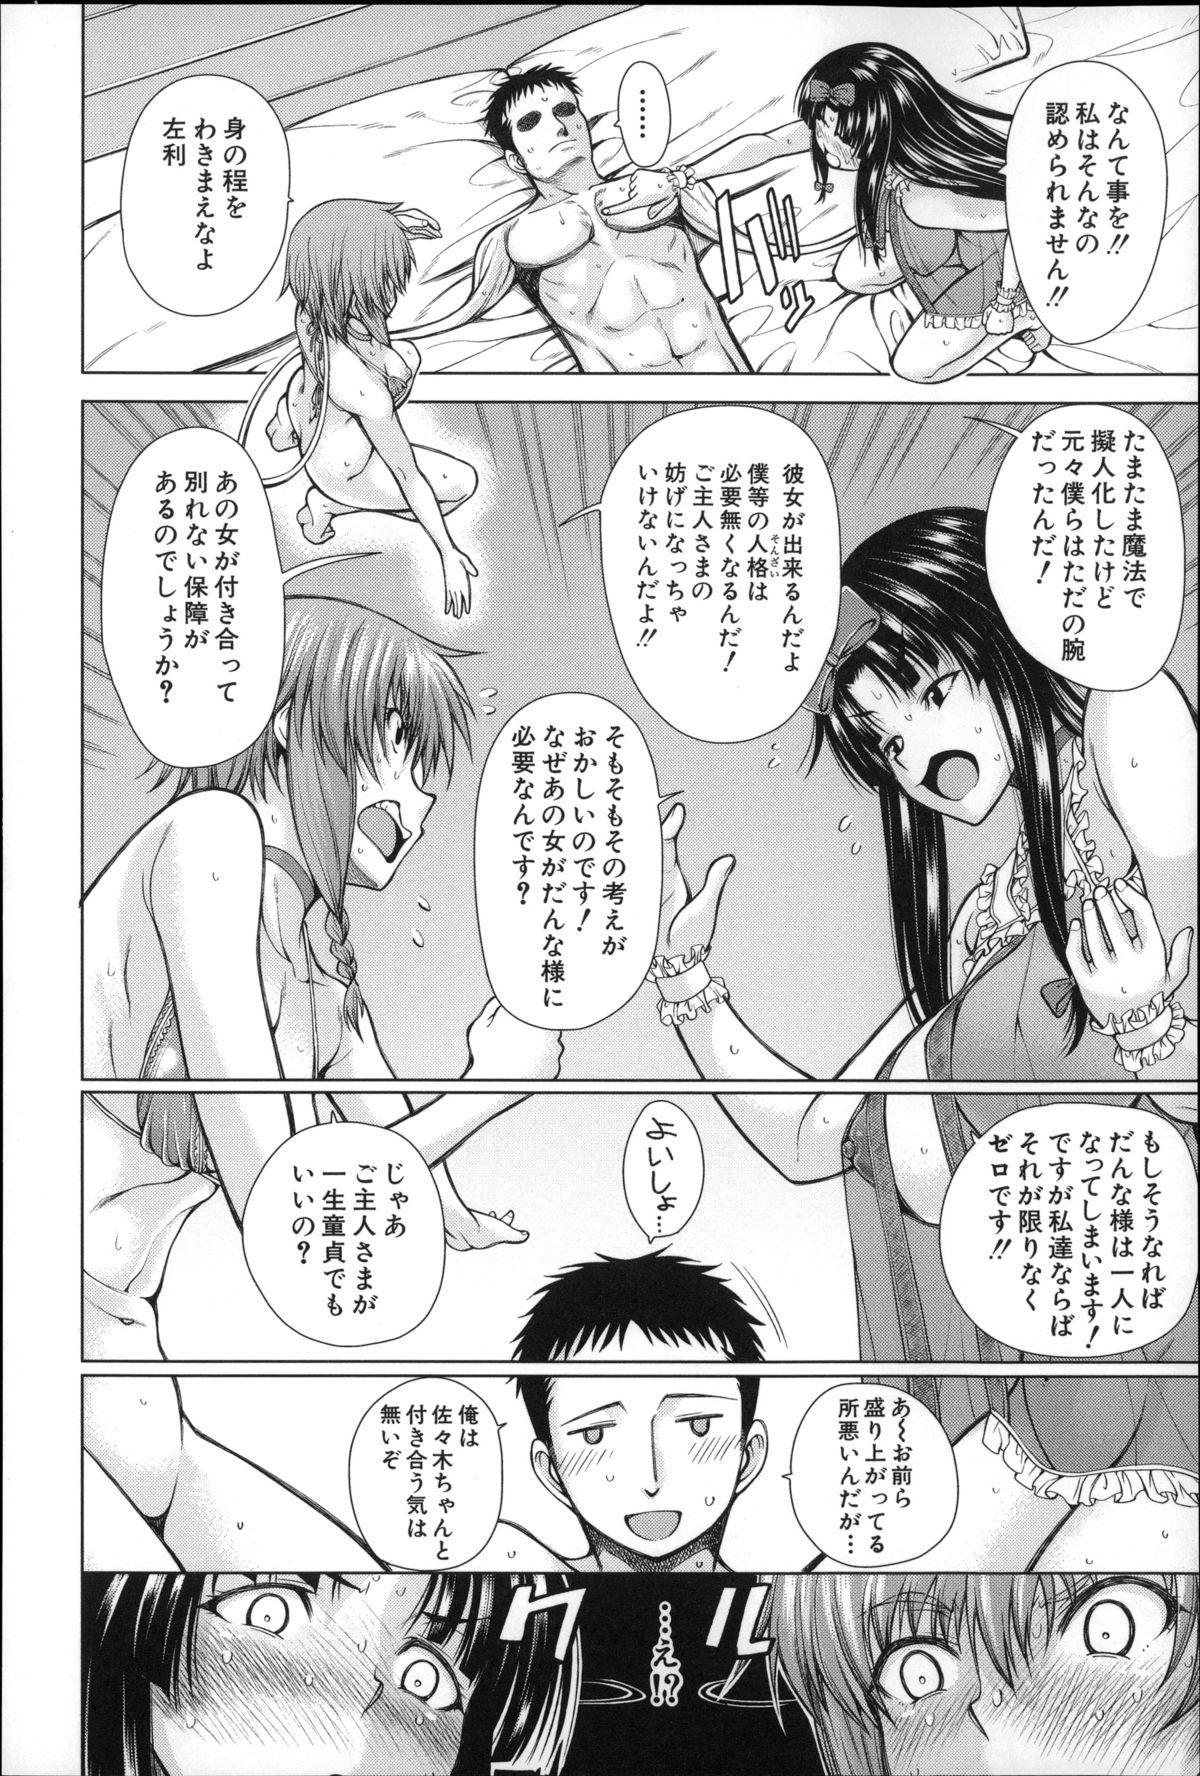 Migite ga Bishoujo ni Natta kara Sex Shita kedo Doutei dayone!! 78